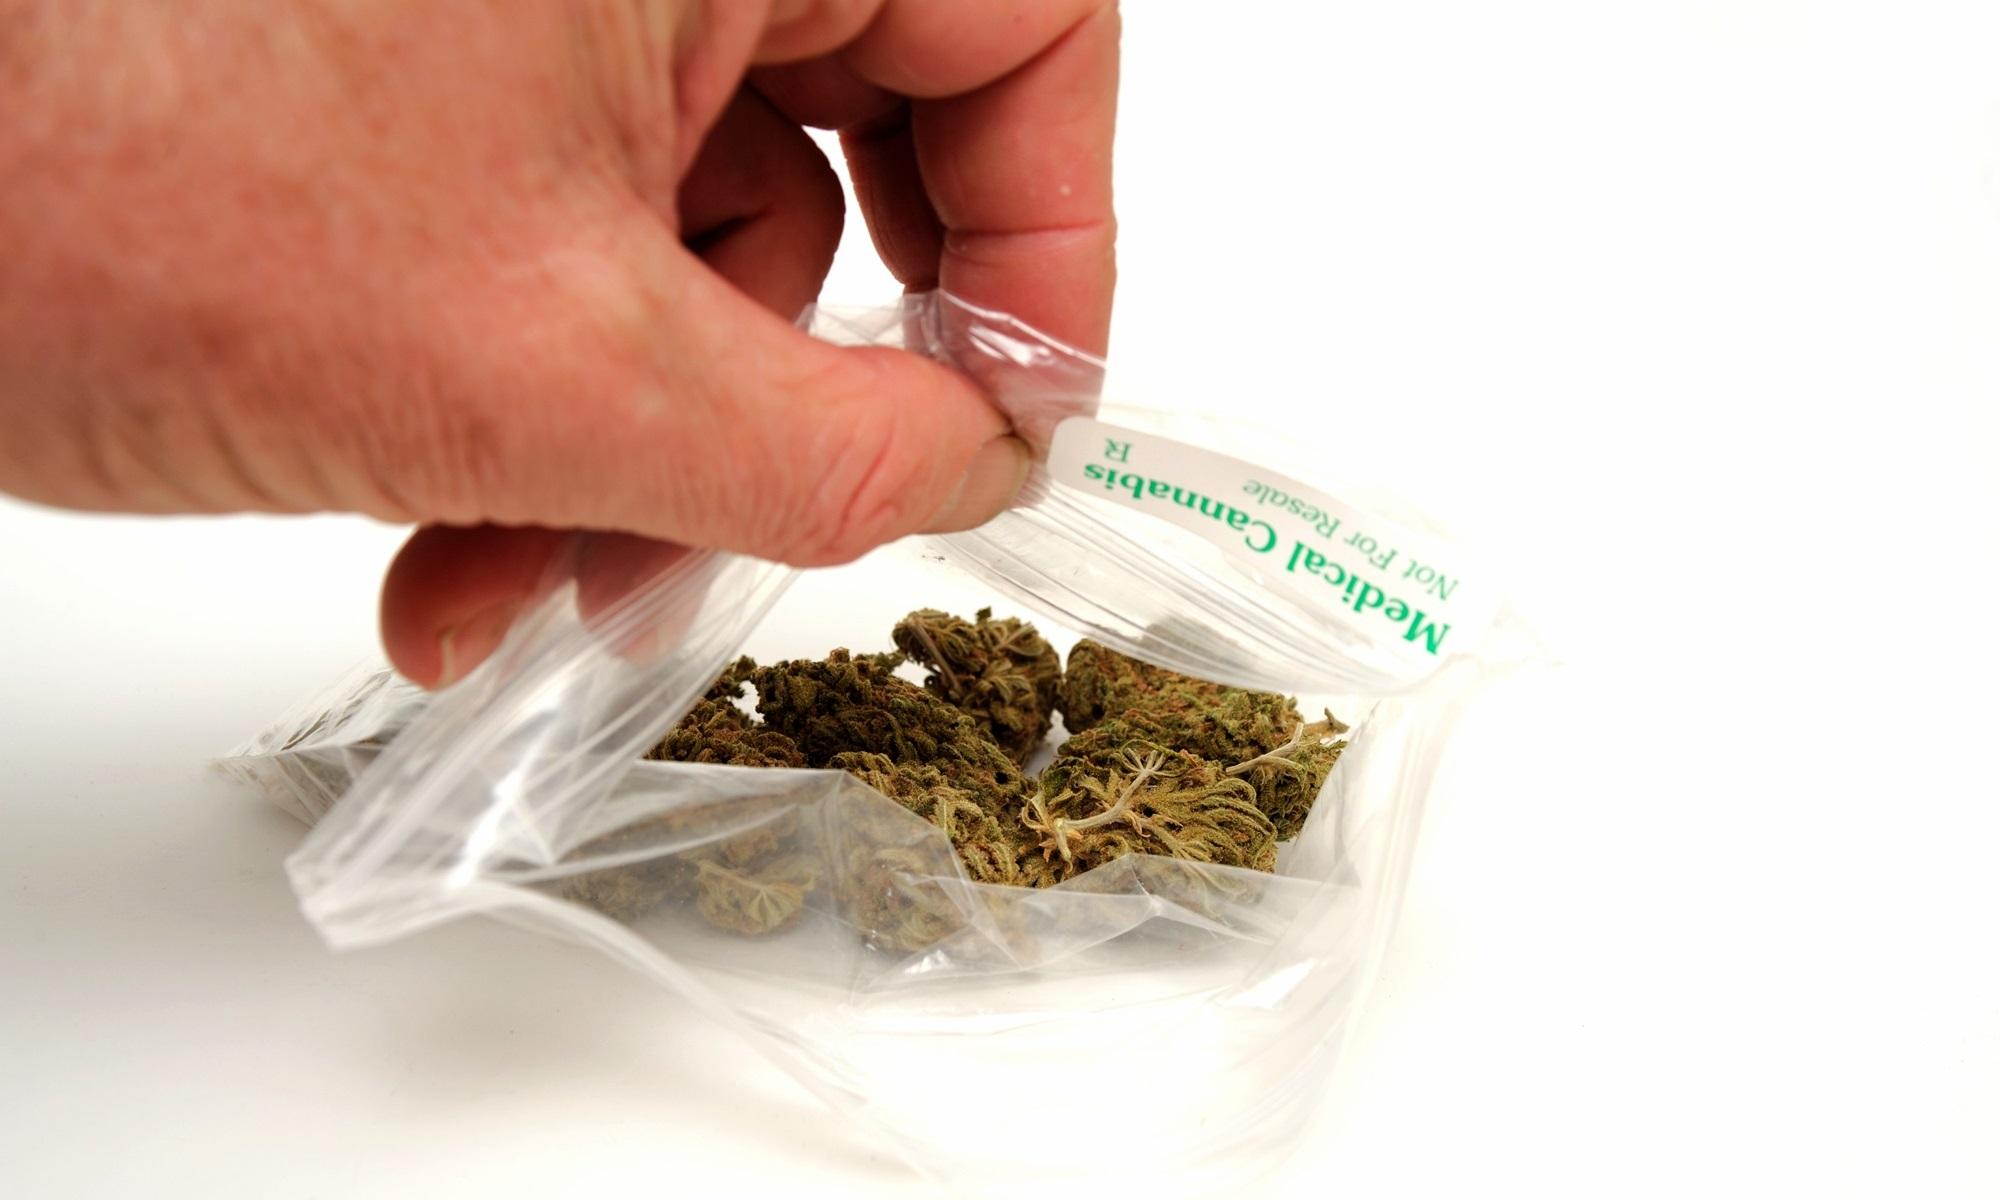 ¿Qué efectos produce la marihuana medicinal?